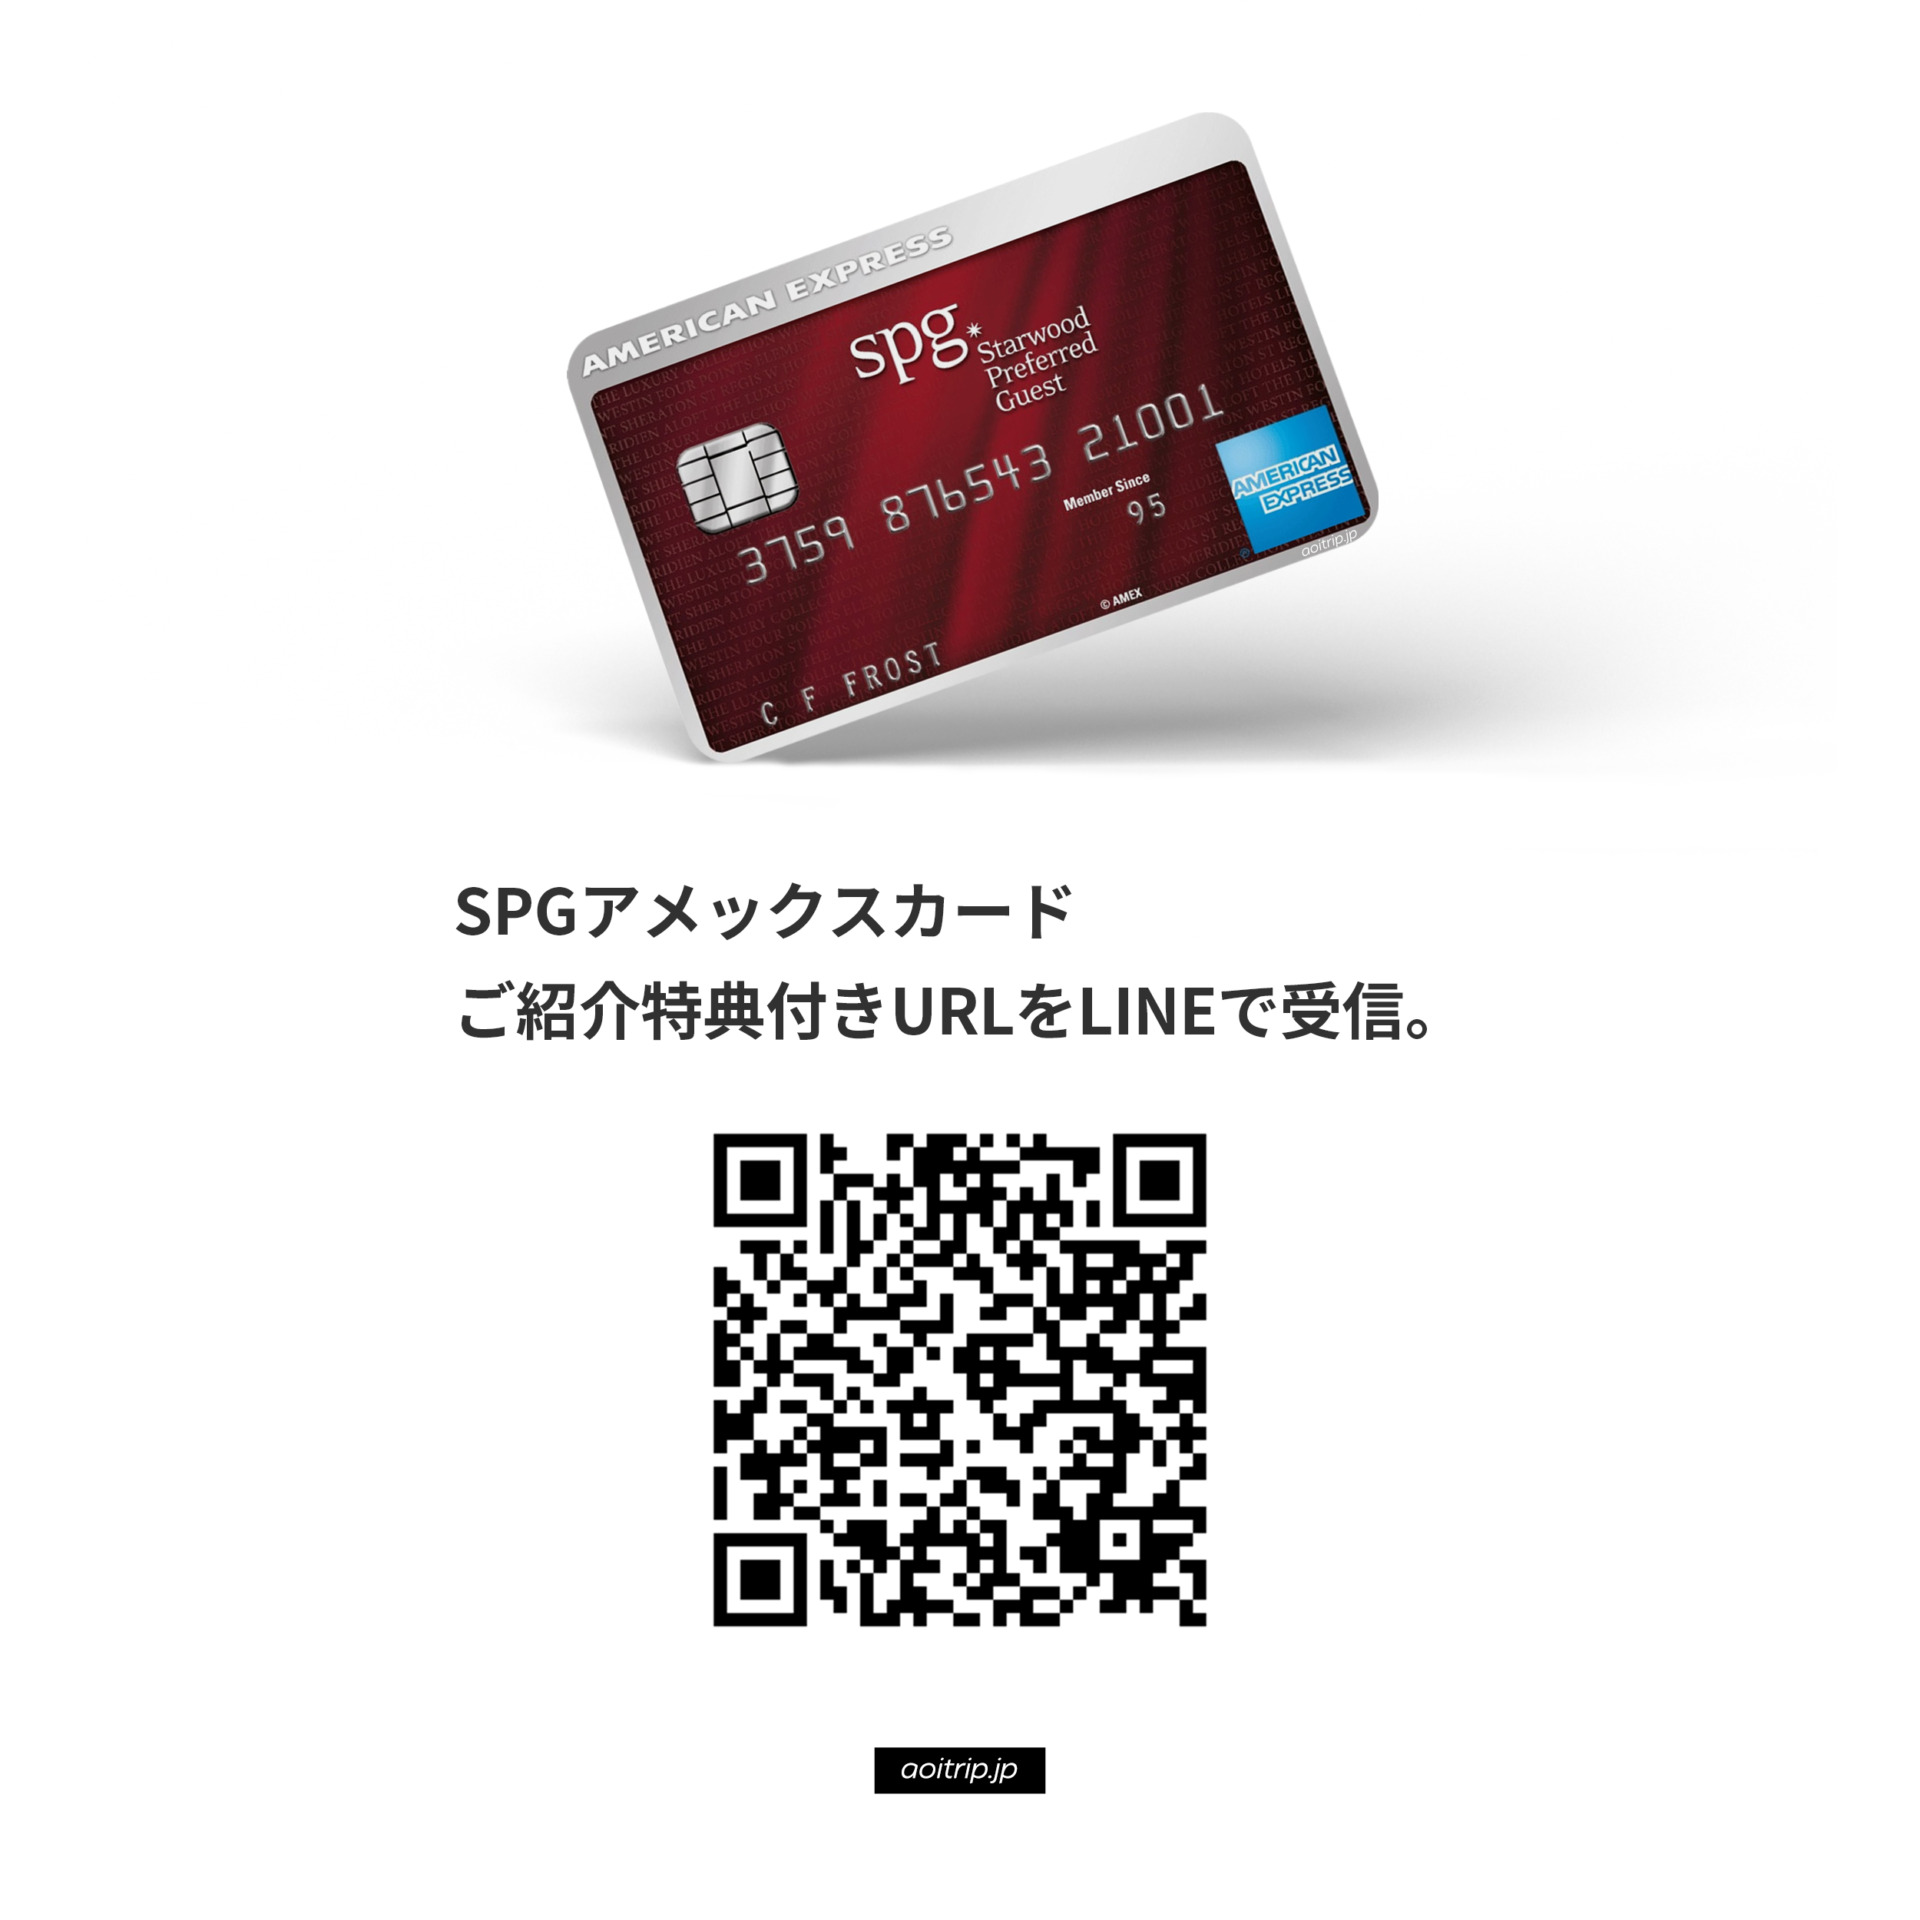 SPGアメックスのご紹介キャンペーン特典付きURLを申請できるLINEのQRコード